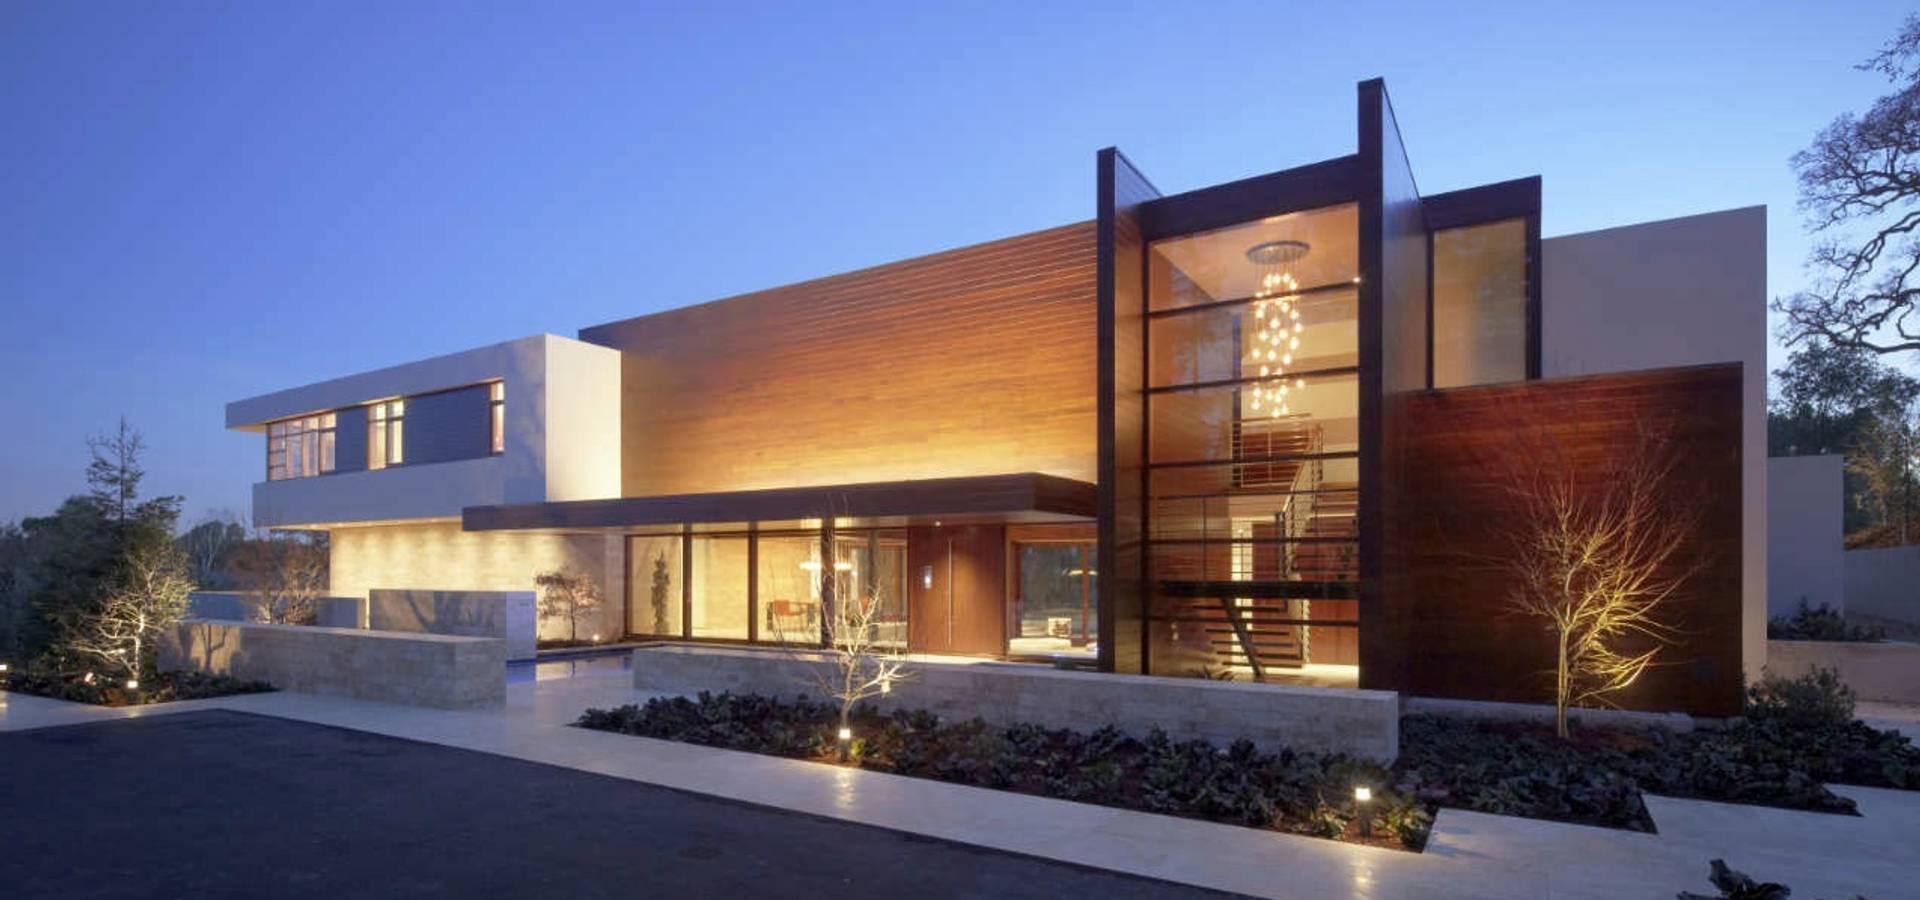 Image De Maison Moderne maison moderne ossature boisbelles demeures en bois | homify